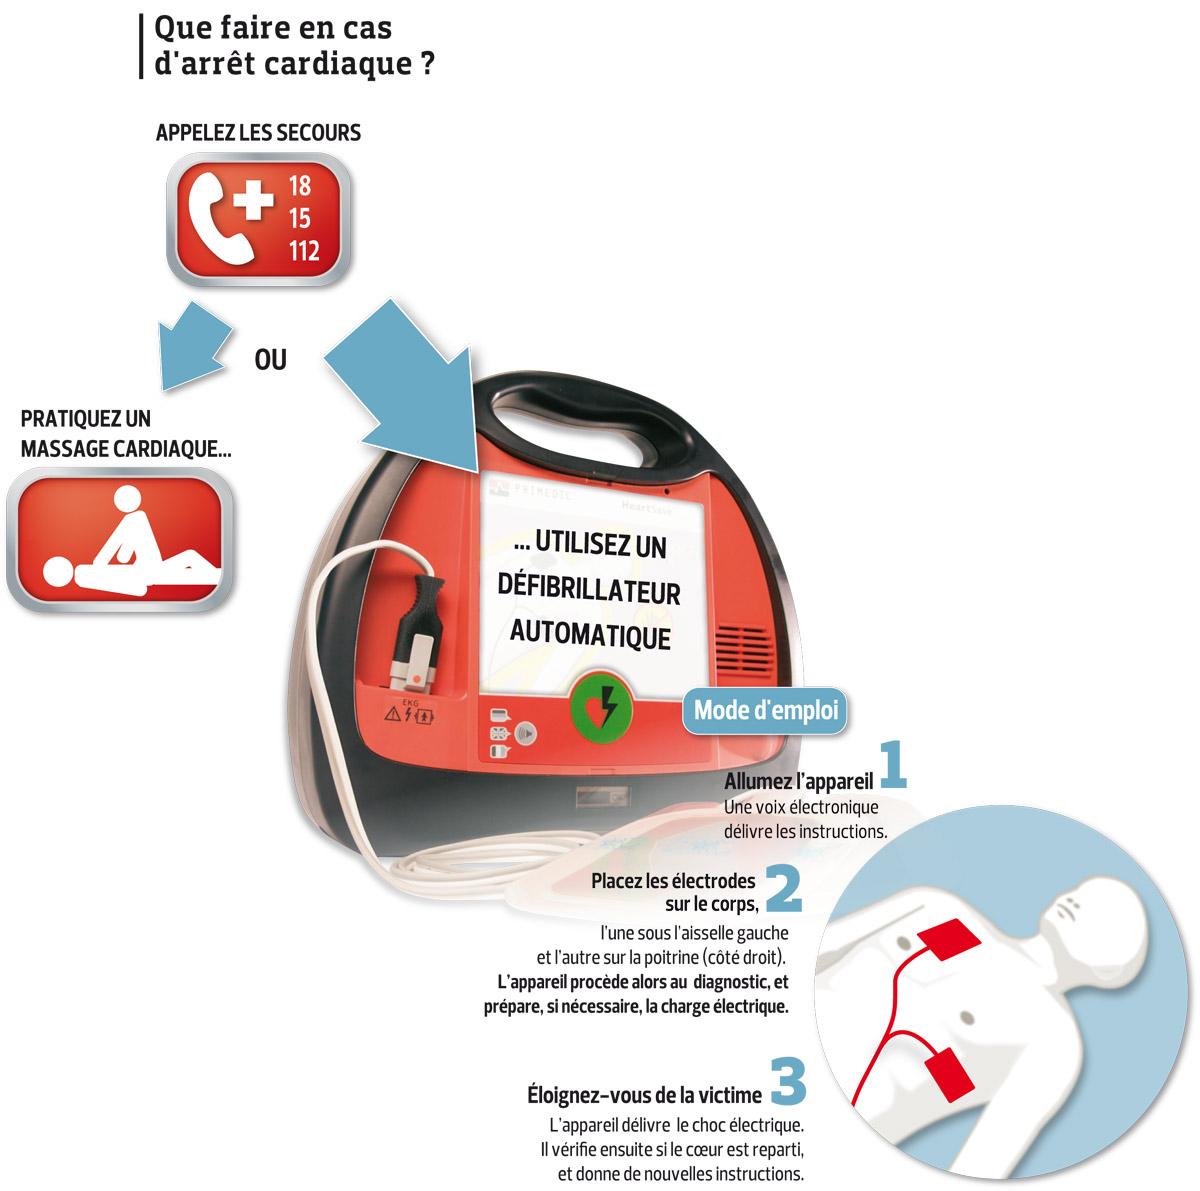 https://i0.wp.com/www.lefigaro.fr/assets/images/defibrillateur.jpg